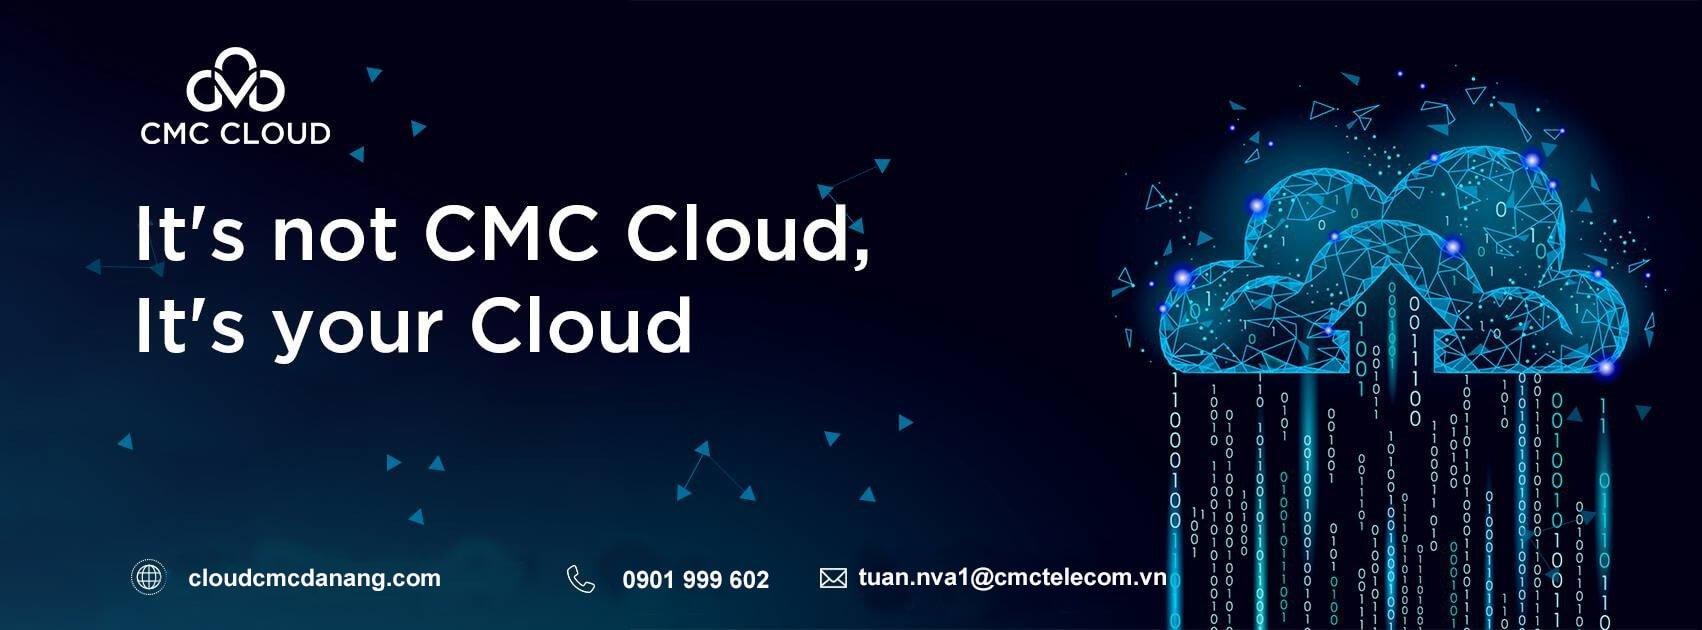 CMC Cloud Đà Nẵng